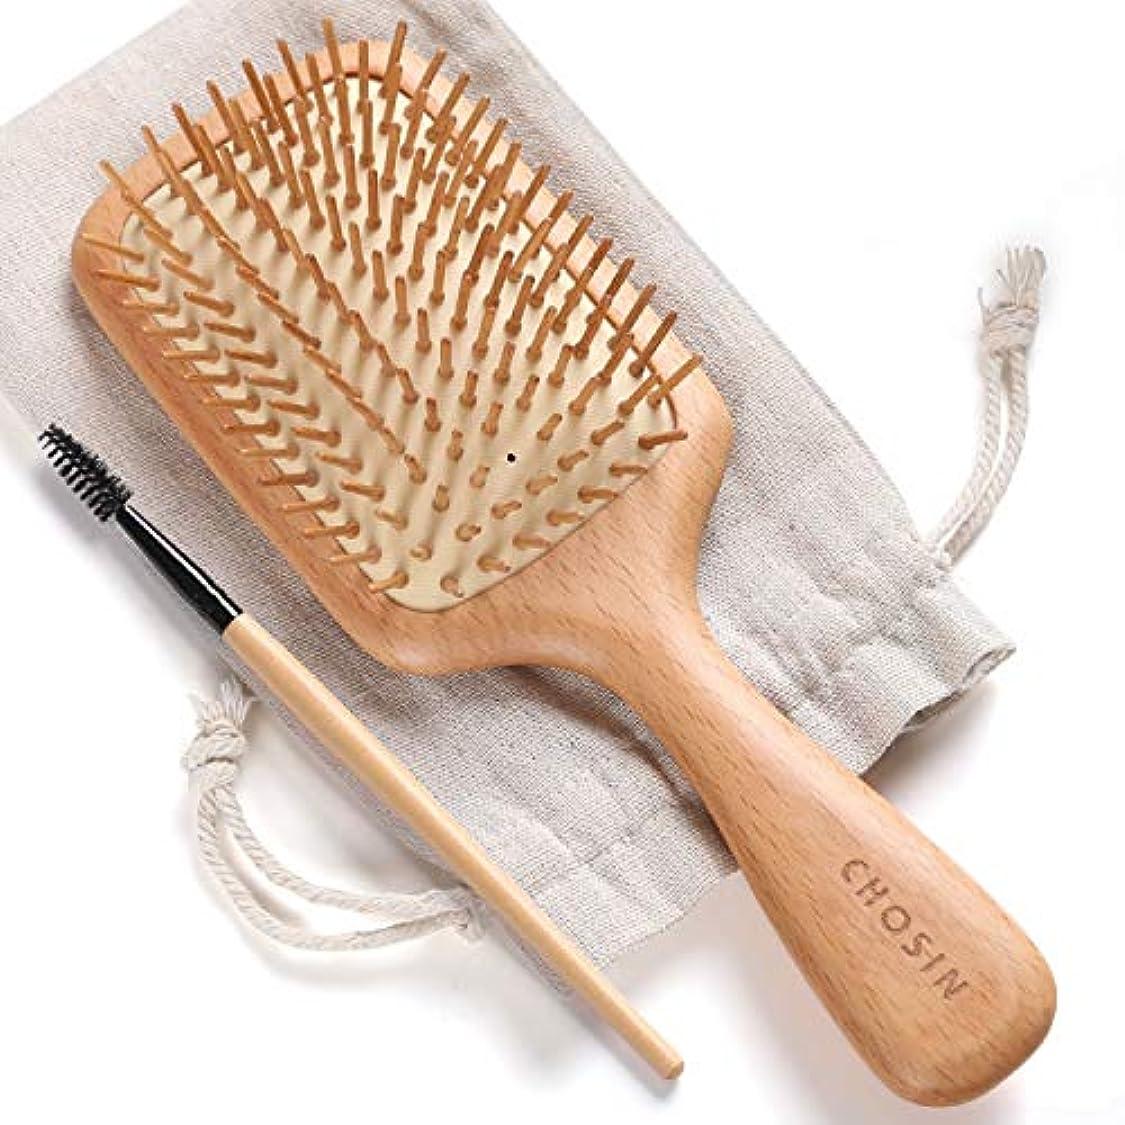 あなたが良くなりますパズルかもめヘアブラシ CHOSIN 頭皮マッサージ 木製櫛 髪をなめらかにする ヘアケア 静電気防止脱毛防止頭皮の圧迫軽減 男性と女性への適用